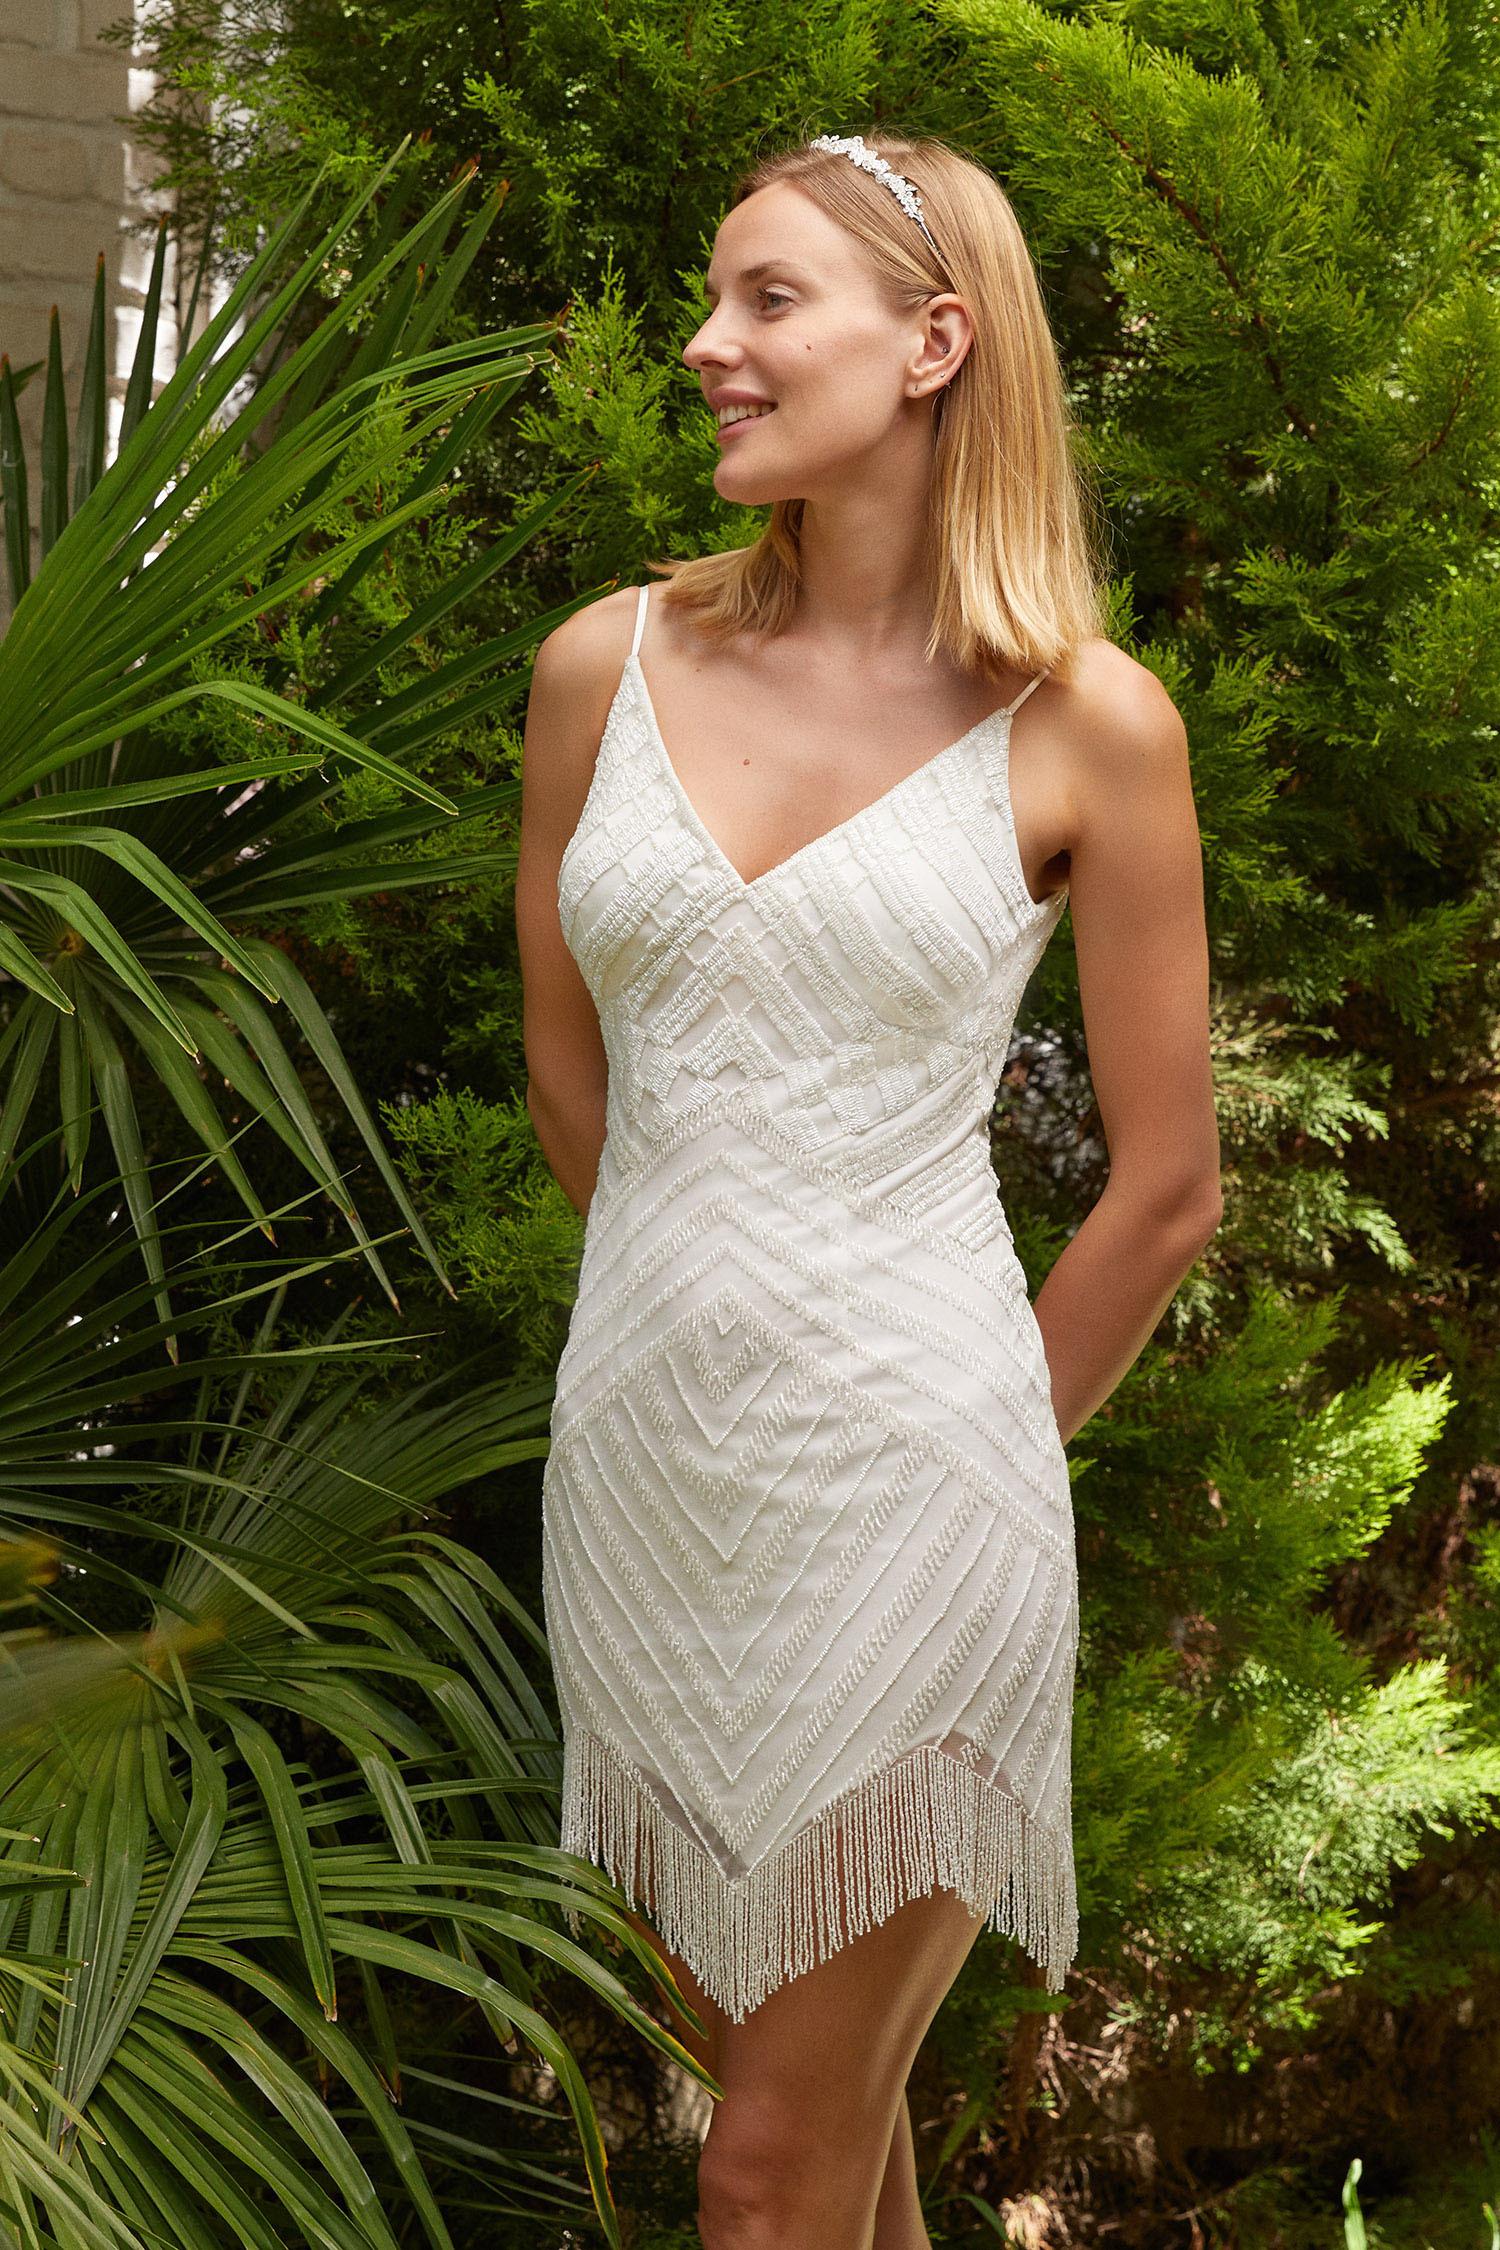 Beyaz Askılı Payetli Asimetrik Etekli Kısa Nikah Elbisesi - Thumbnail